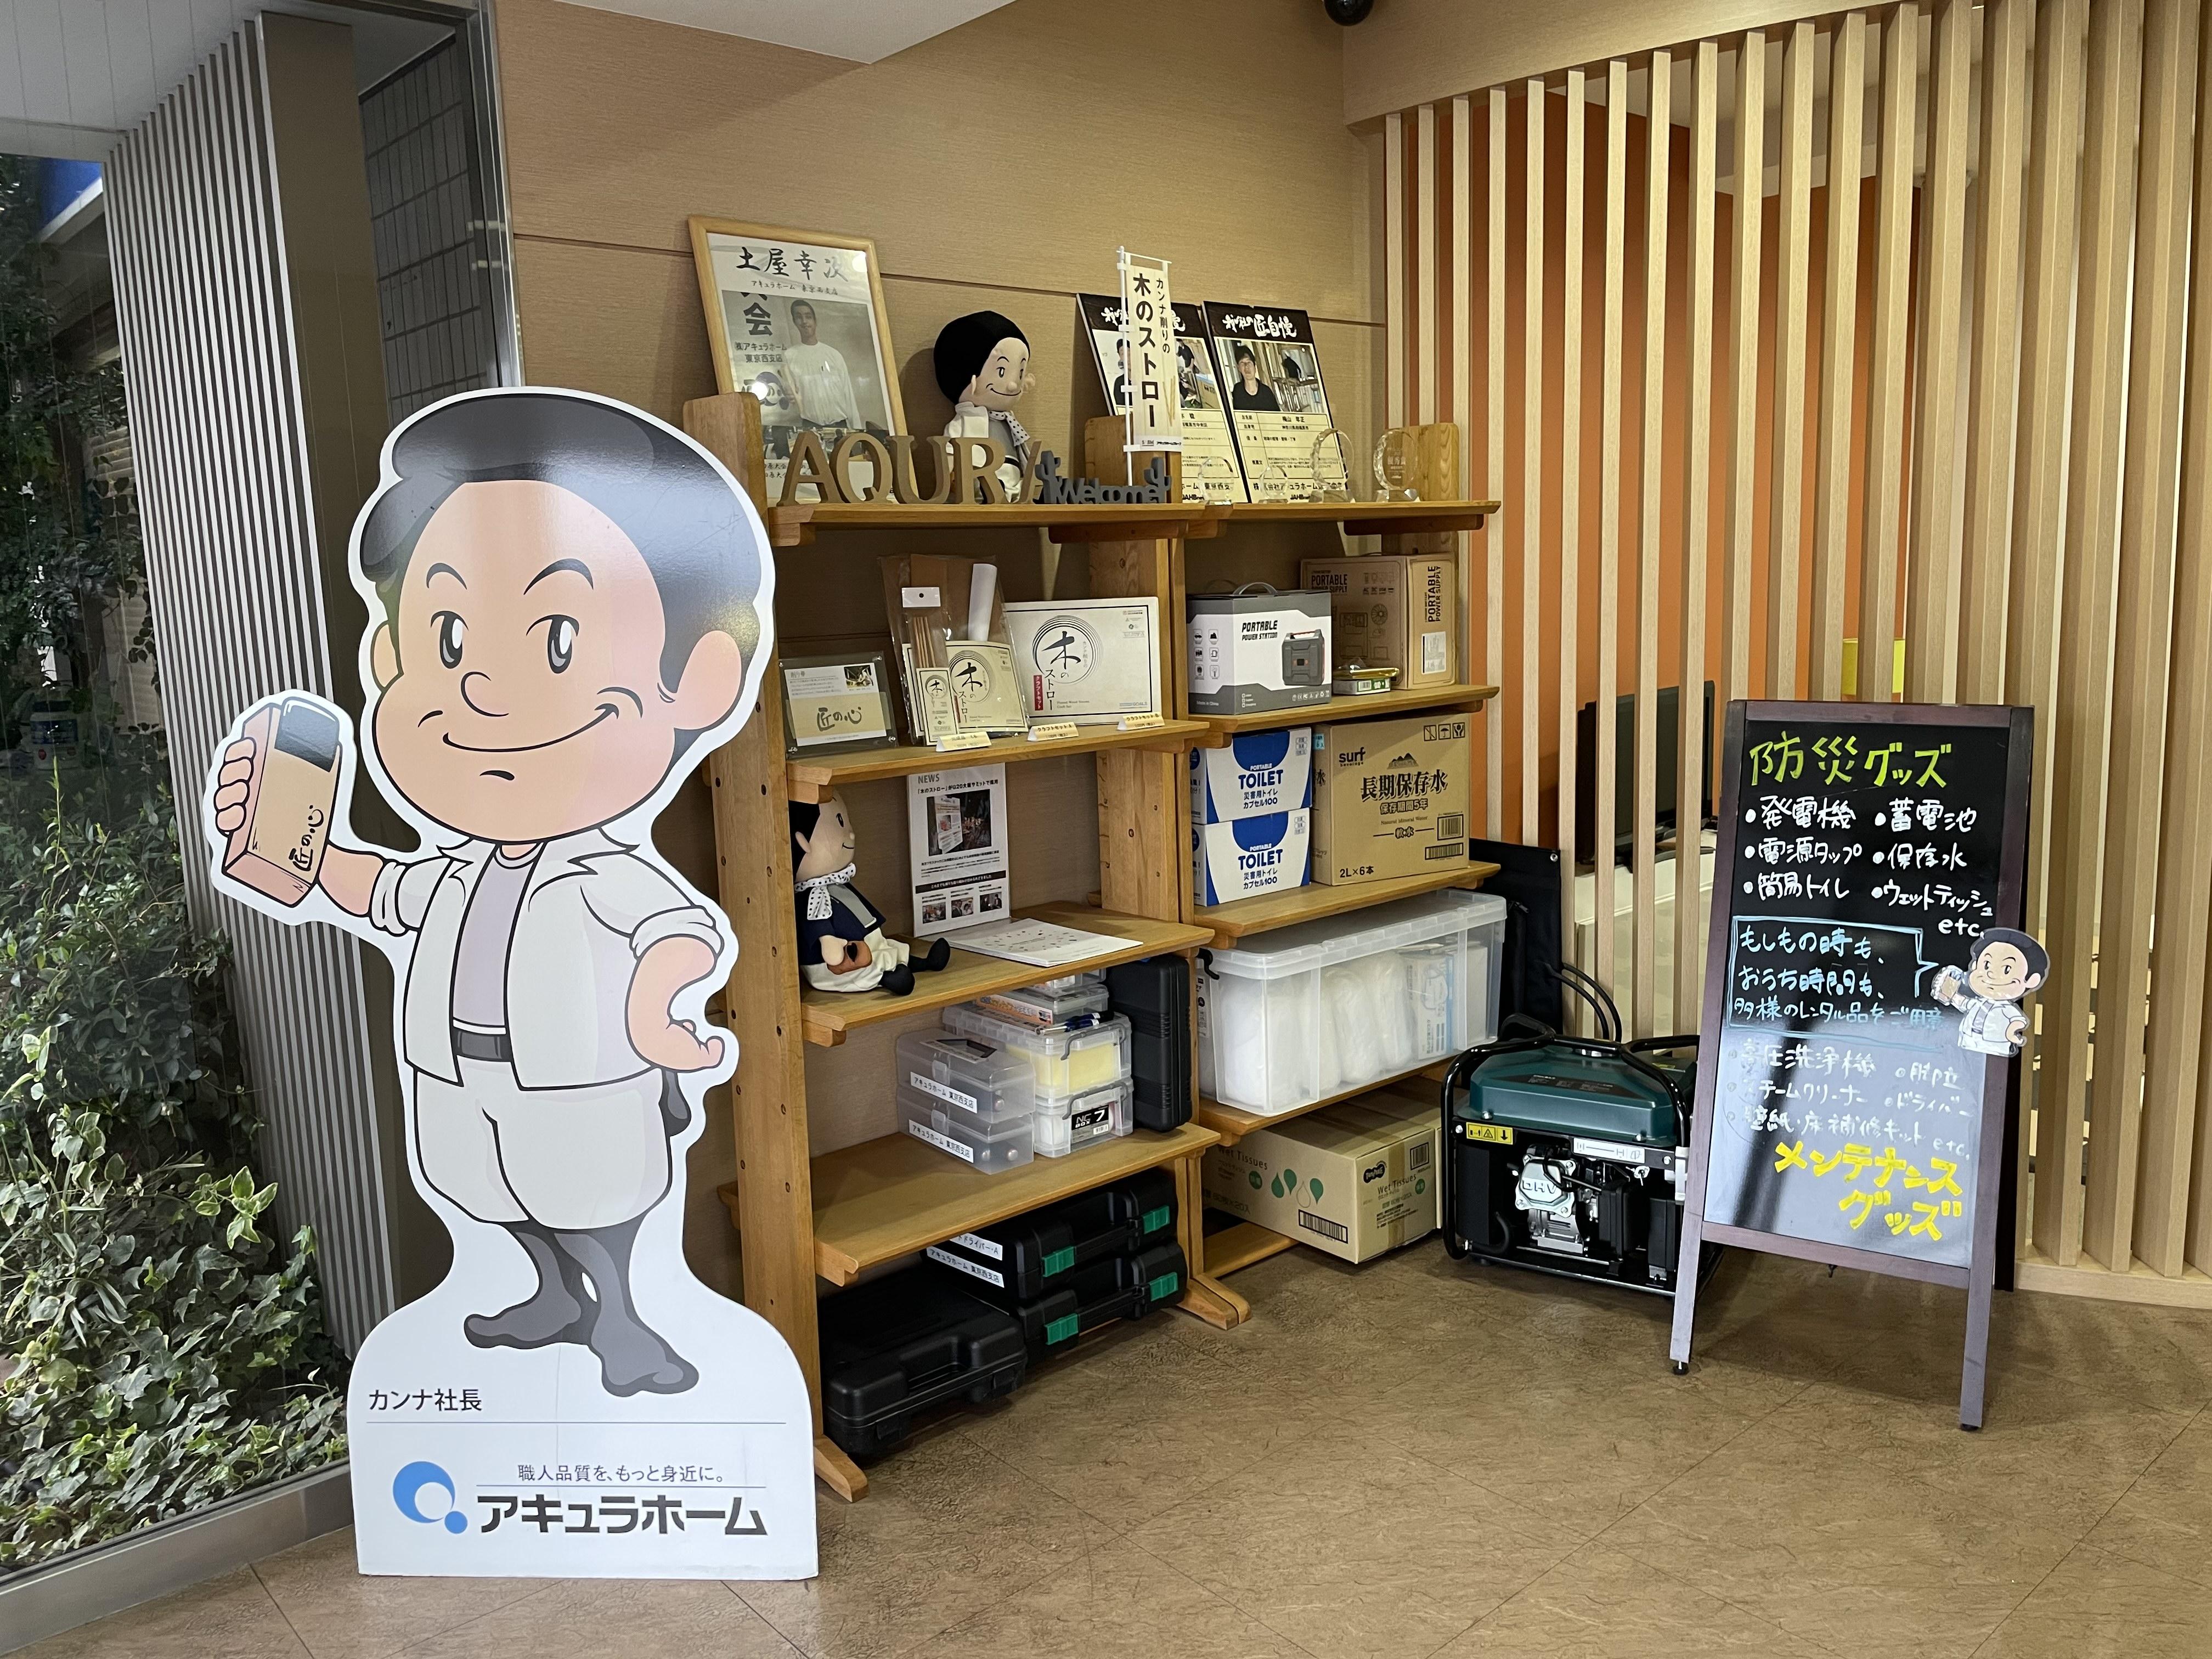 アキュラホーム東京中央は地域の防災拠点としての機能を持ち、発電機や飲料水などの防災グッズをご用意しています。